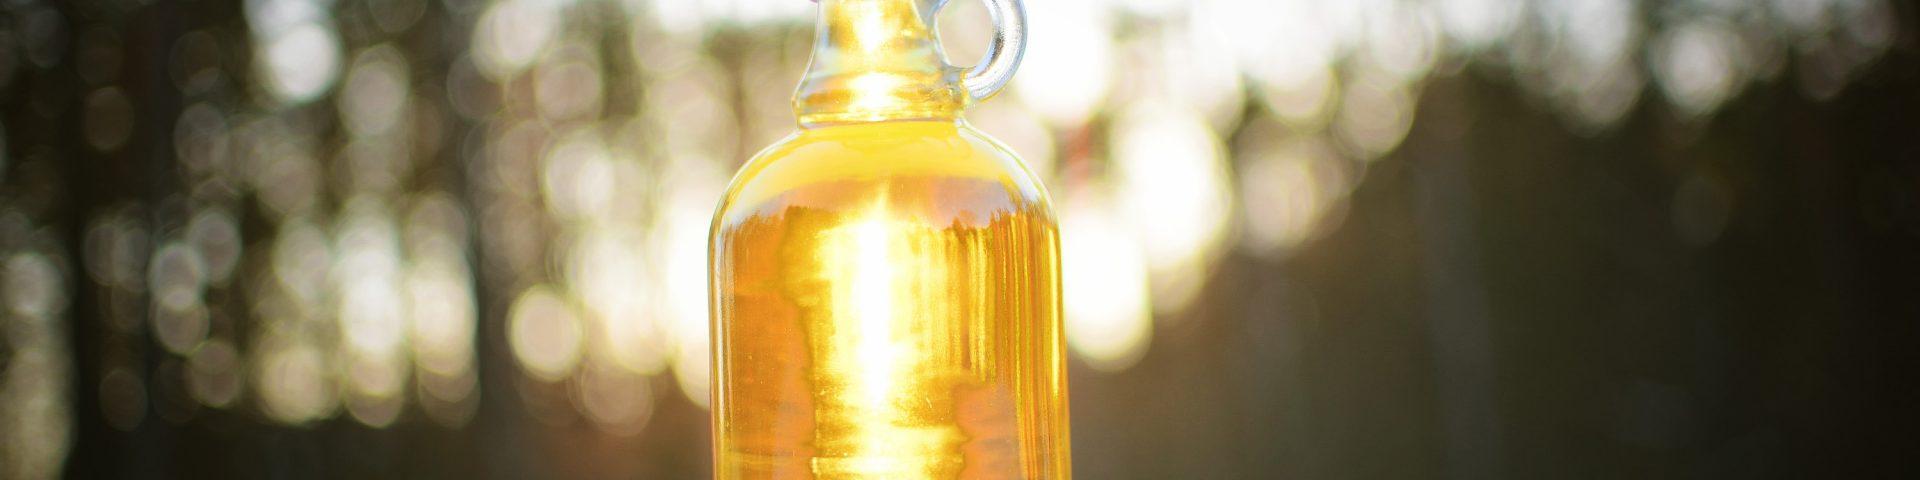 bottle 3405616 1920x480 - Nalewka na miodzie i białym winie